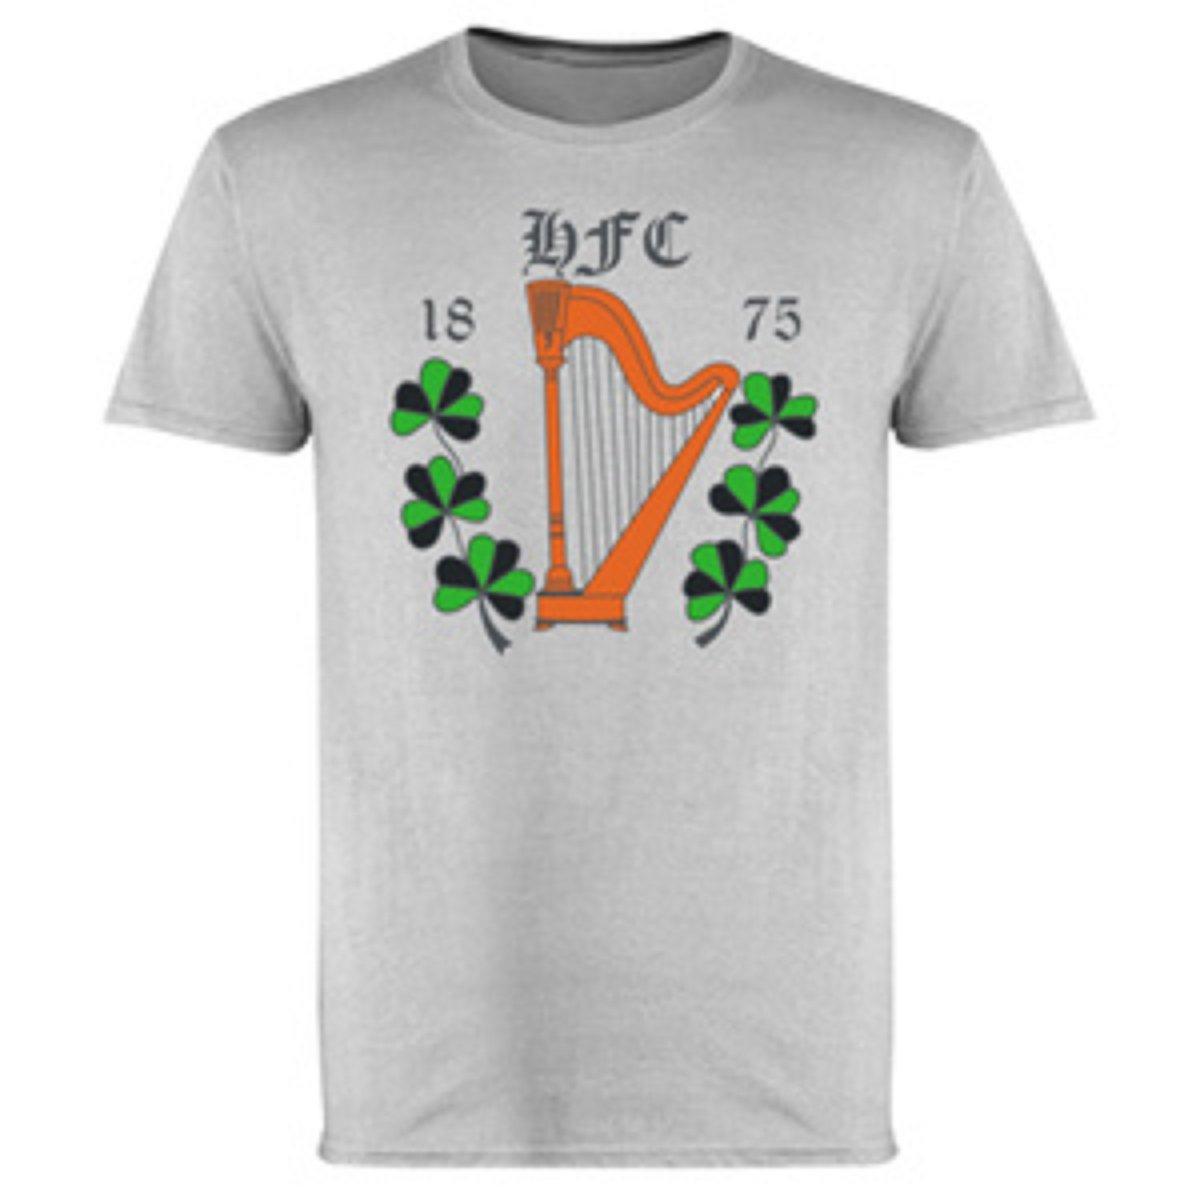 Hibs, Hibernian, HFC 1875 Harp & Shamrock T-shirts.